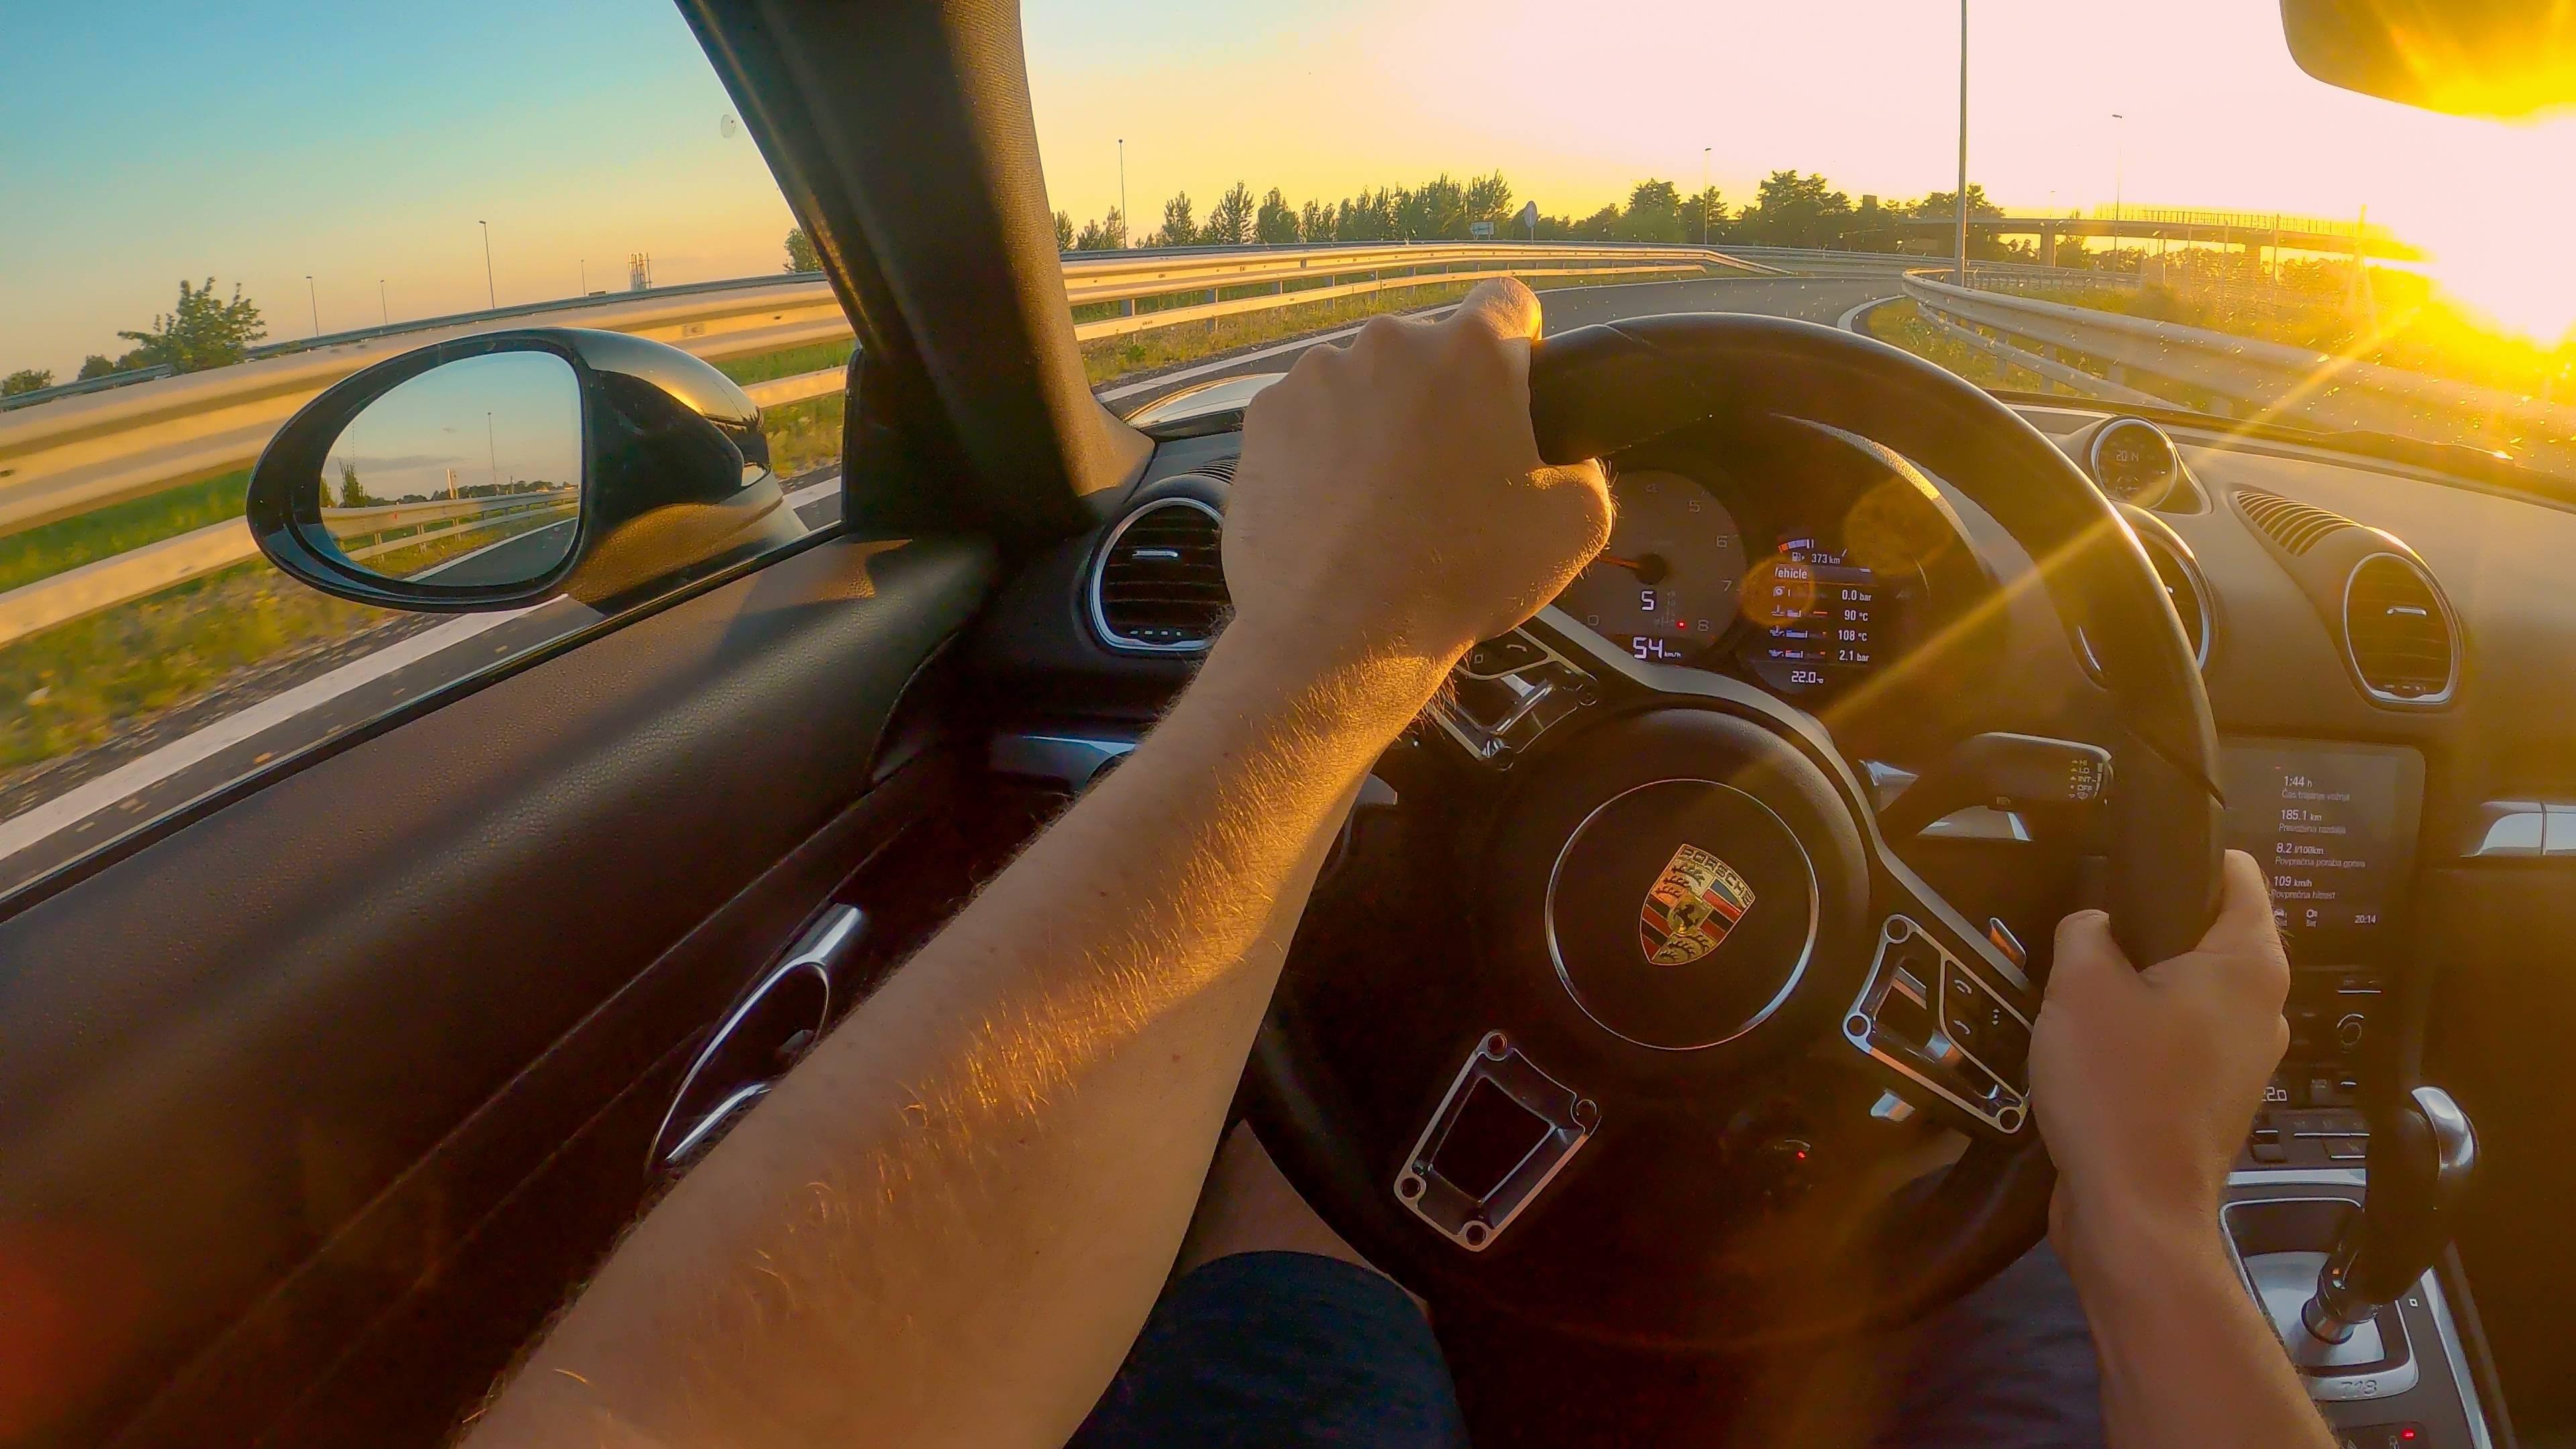 Porsche véhicule haut de gamme premium allemand